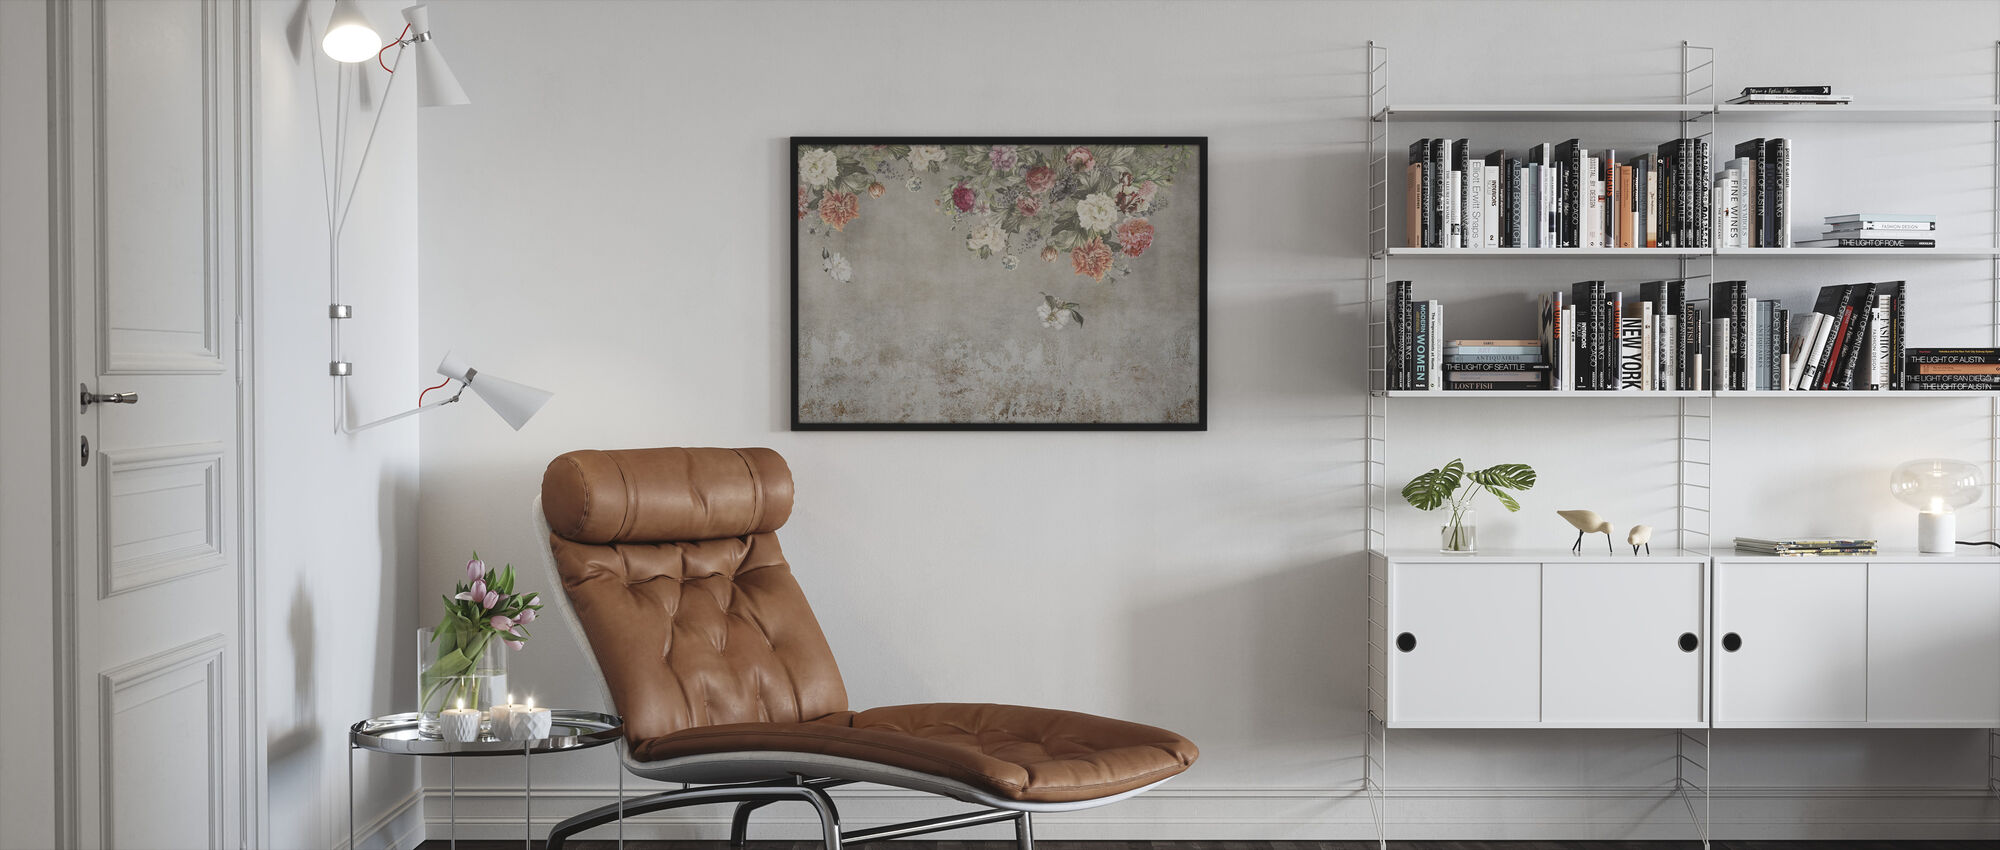 Vintage Flower Wall - Framed print - Living Room